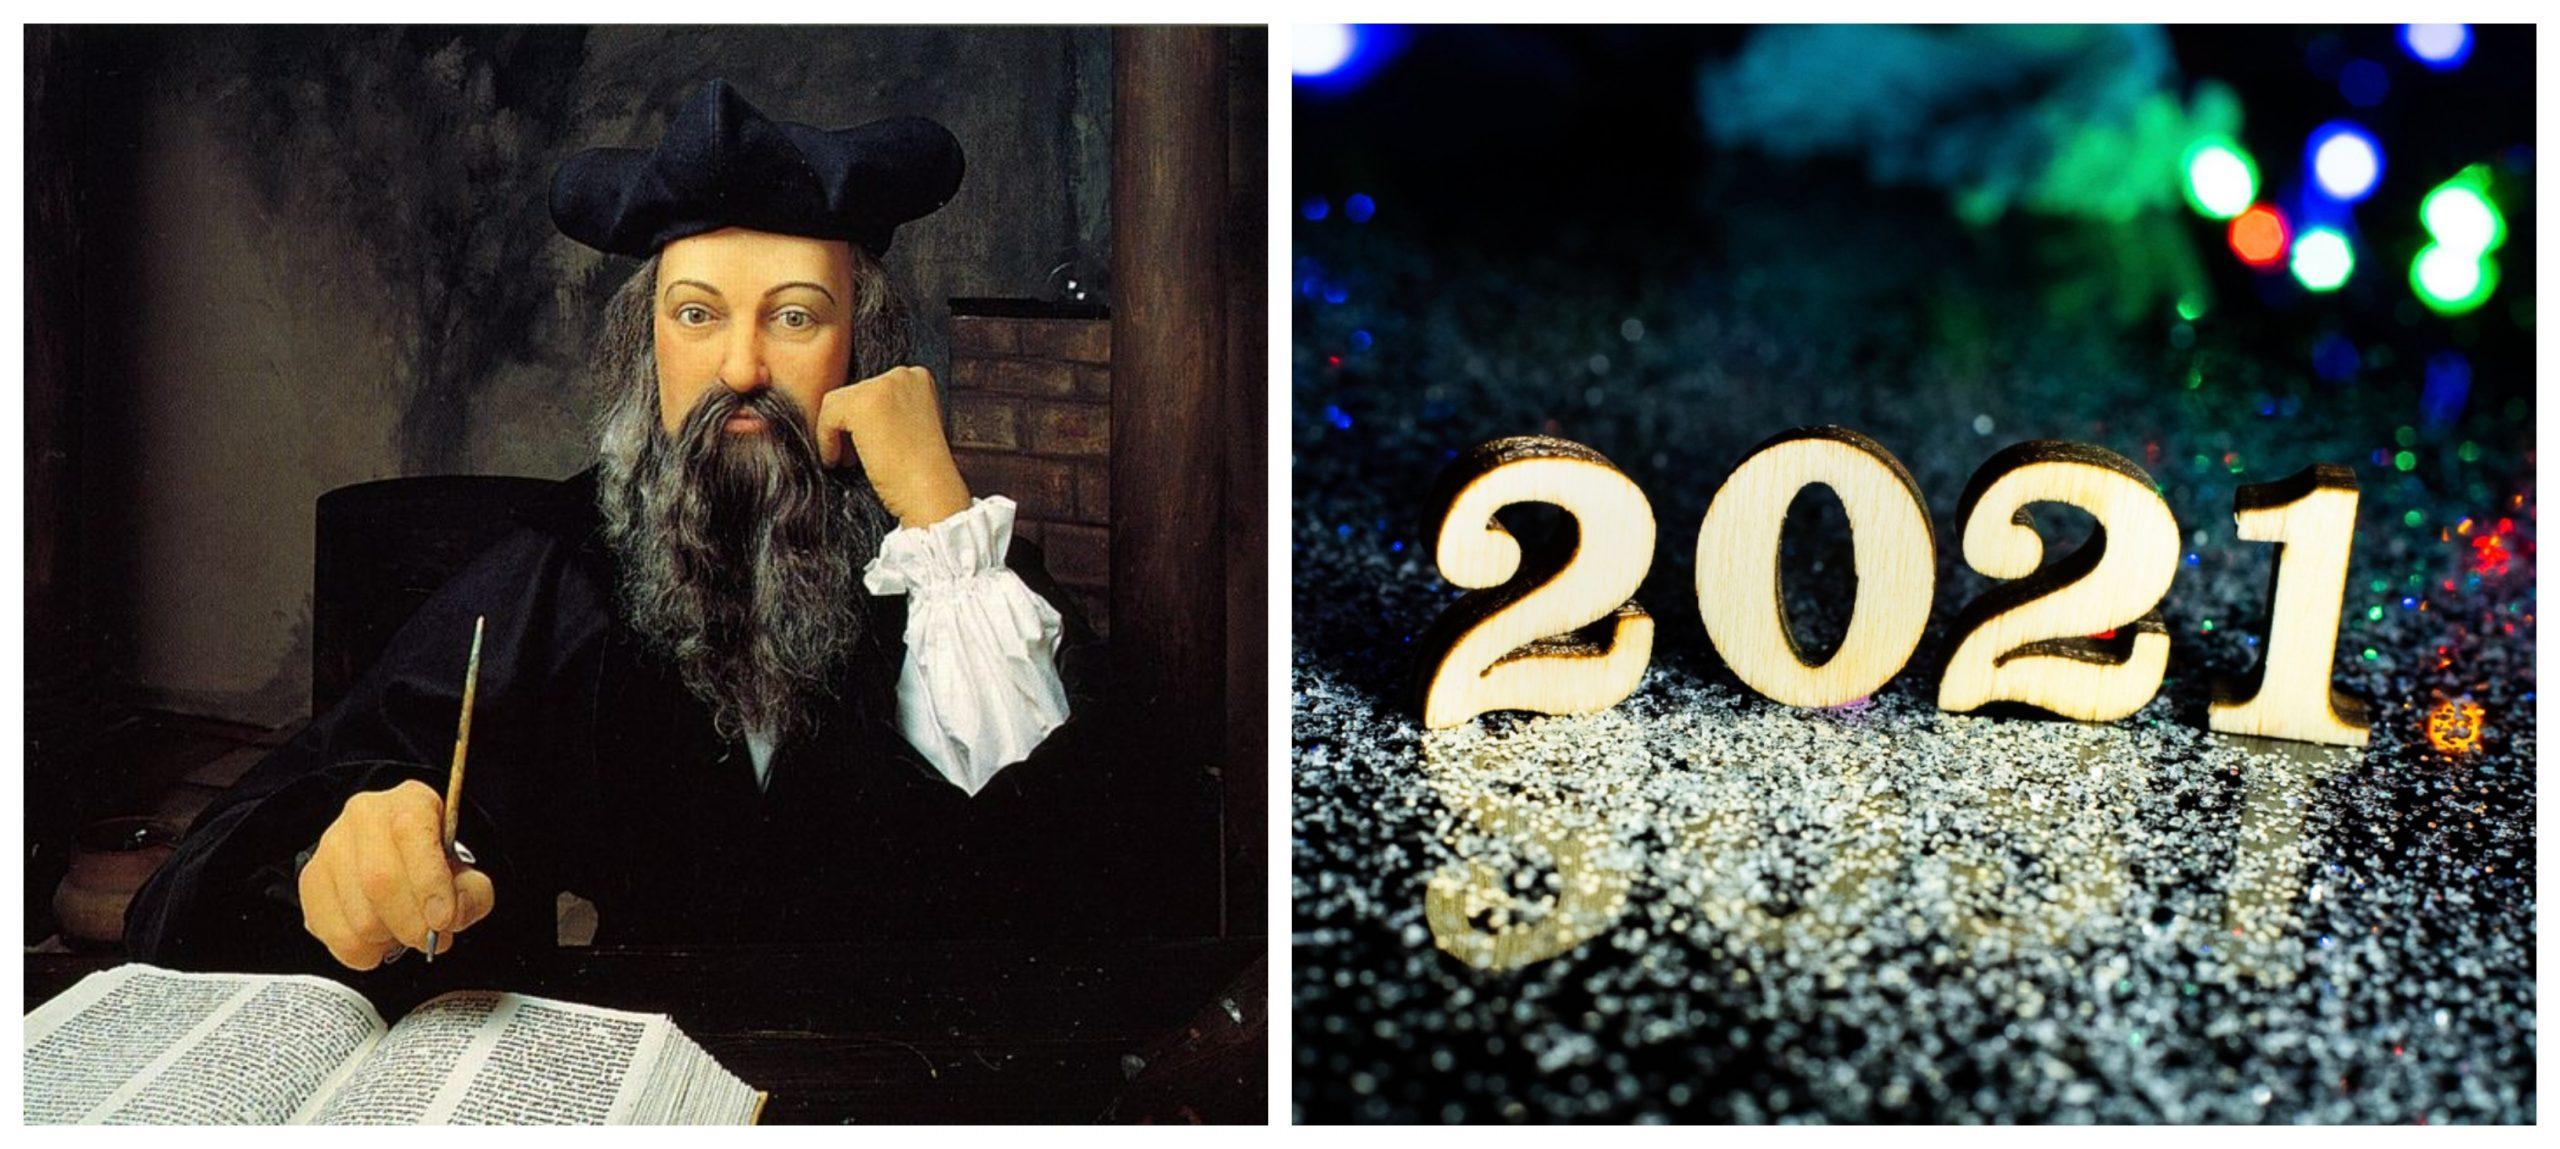 Previziuni pentru noul an. Ce spune Nostradamus despre 2021